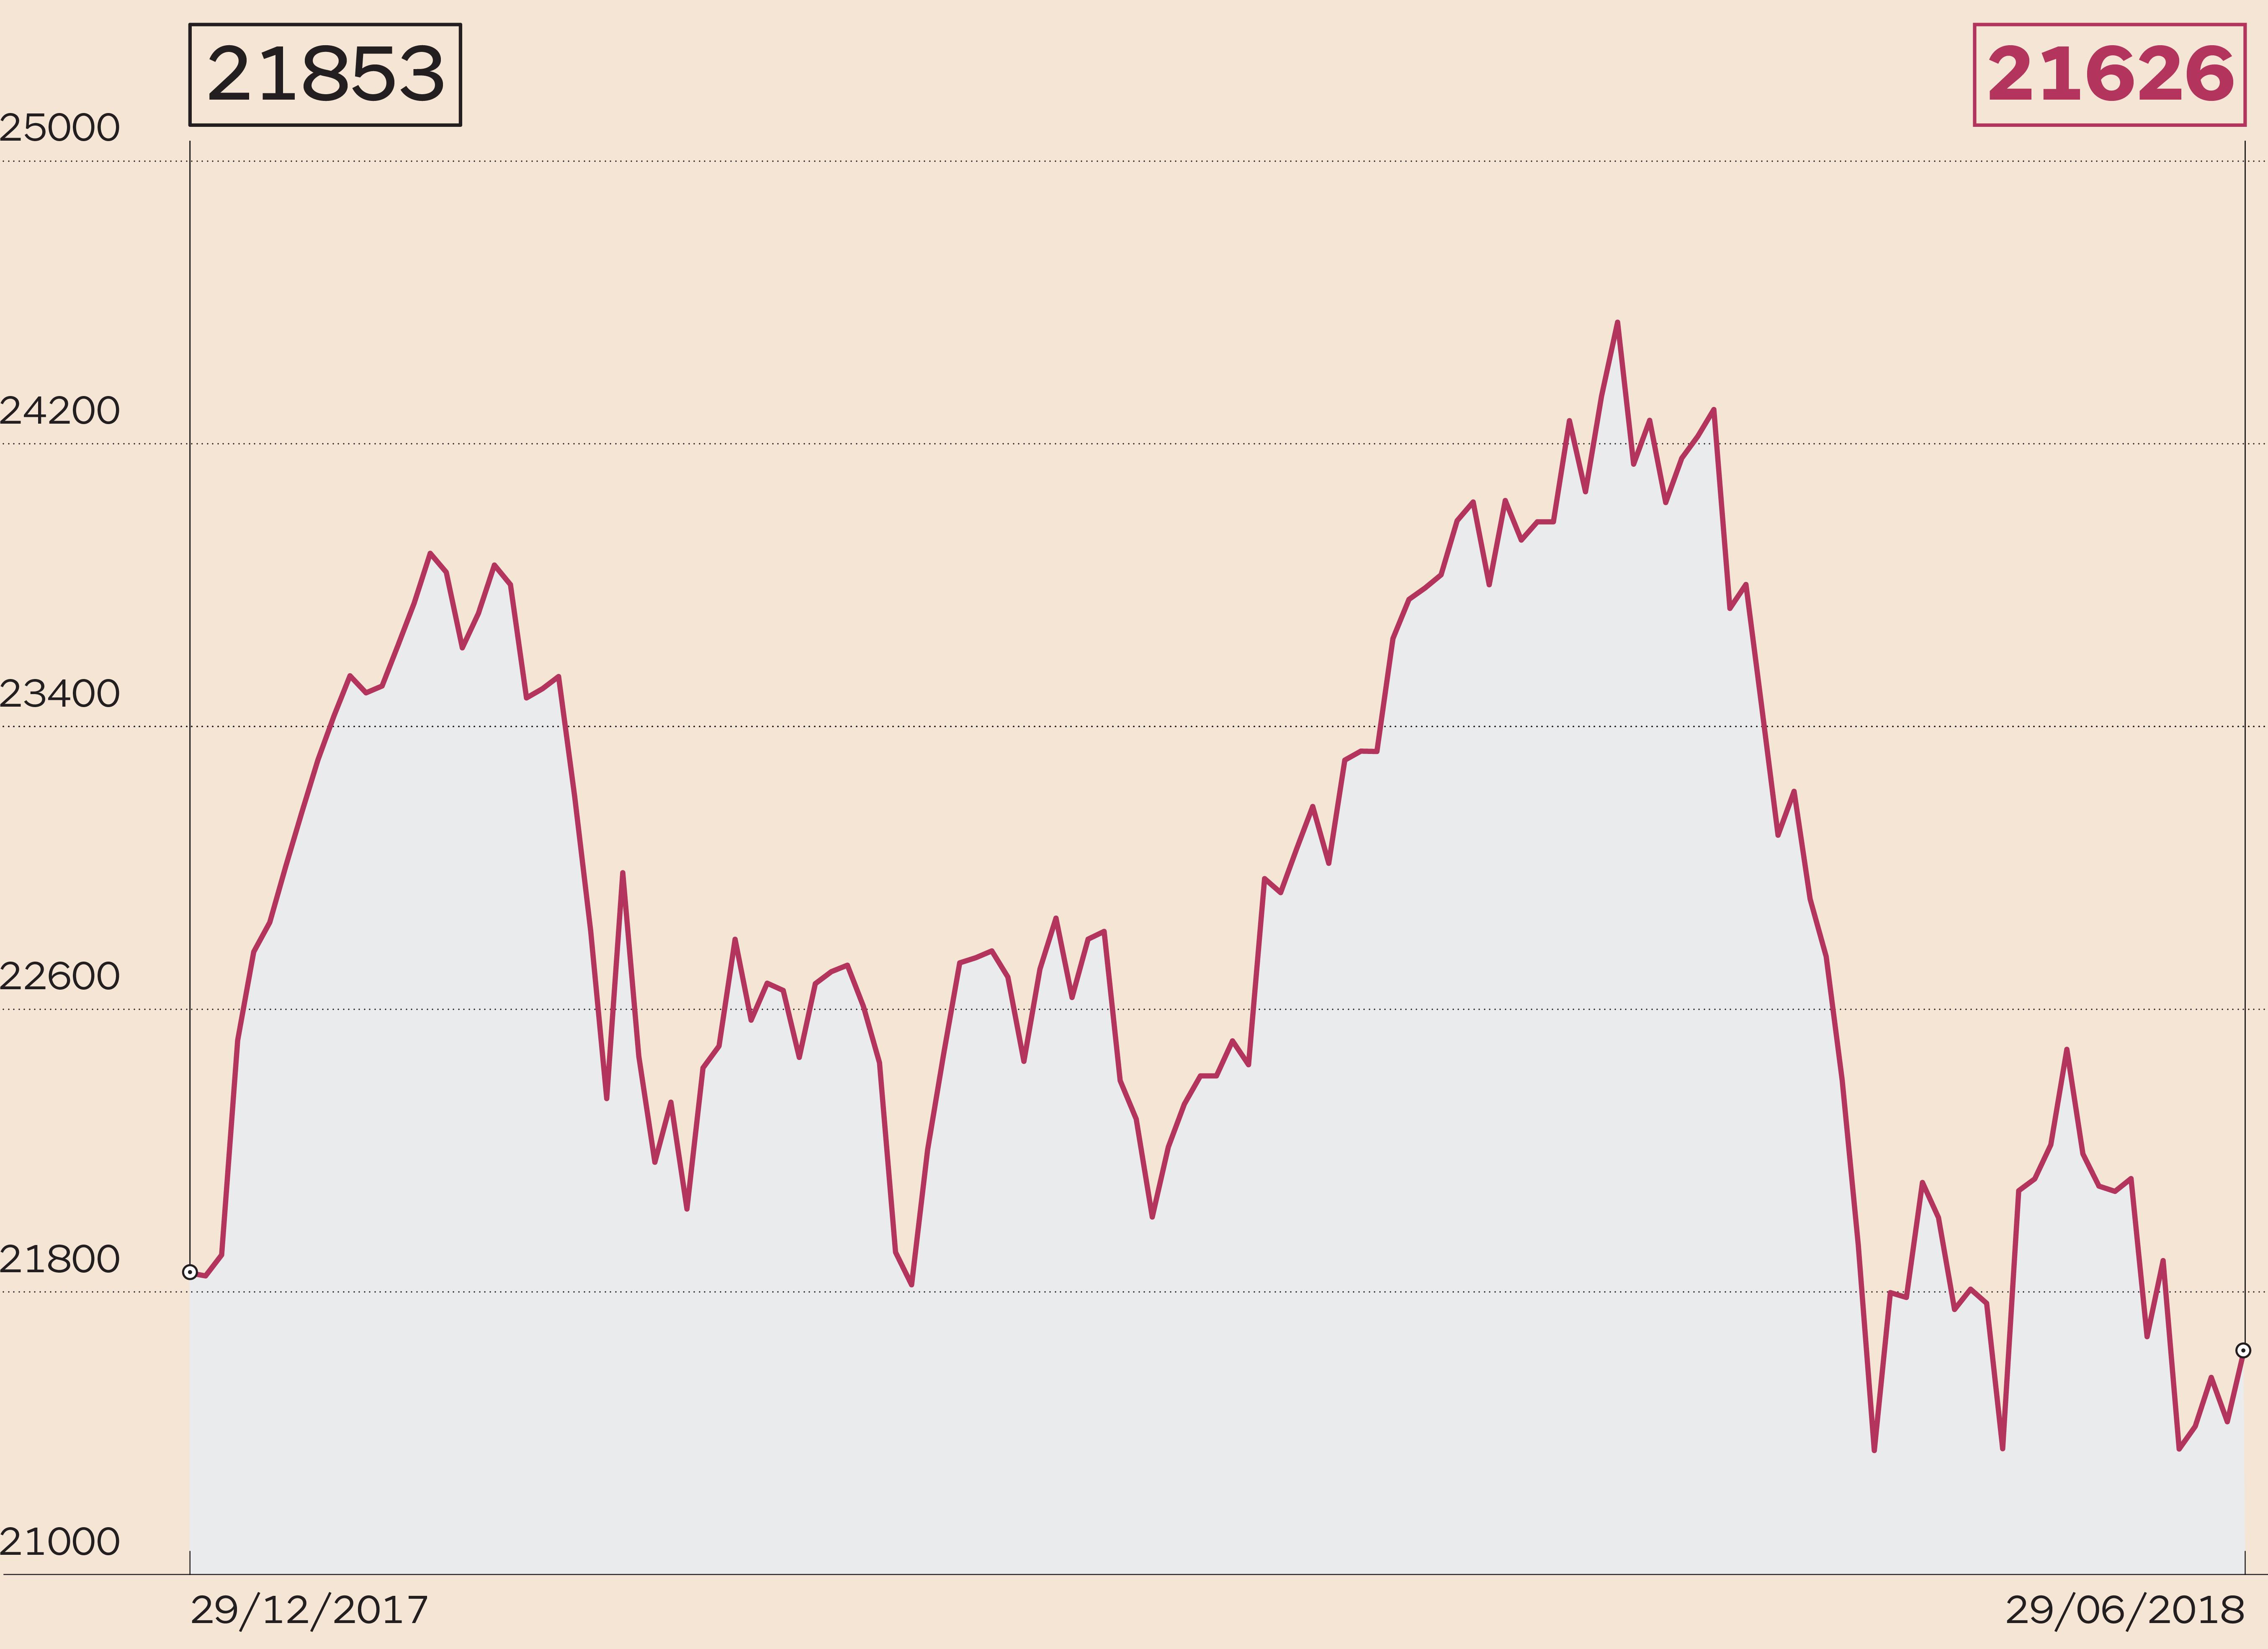 15e6a95158 Borse, petrolio, Bitcoin: chi vince e chi perde sui mercati nel ...